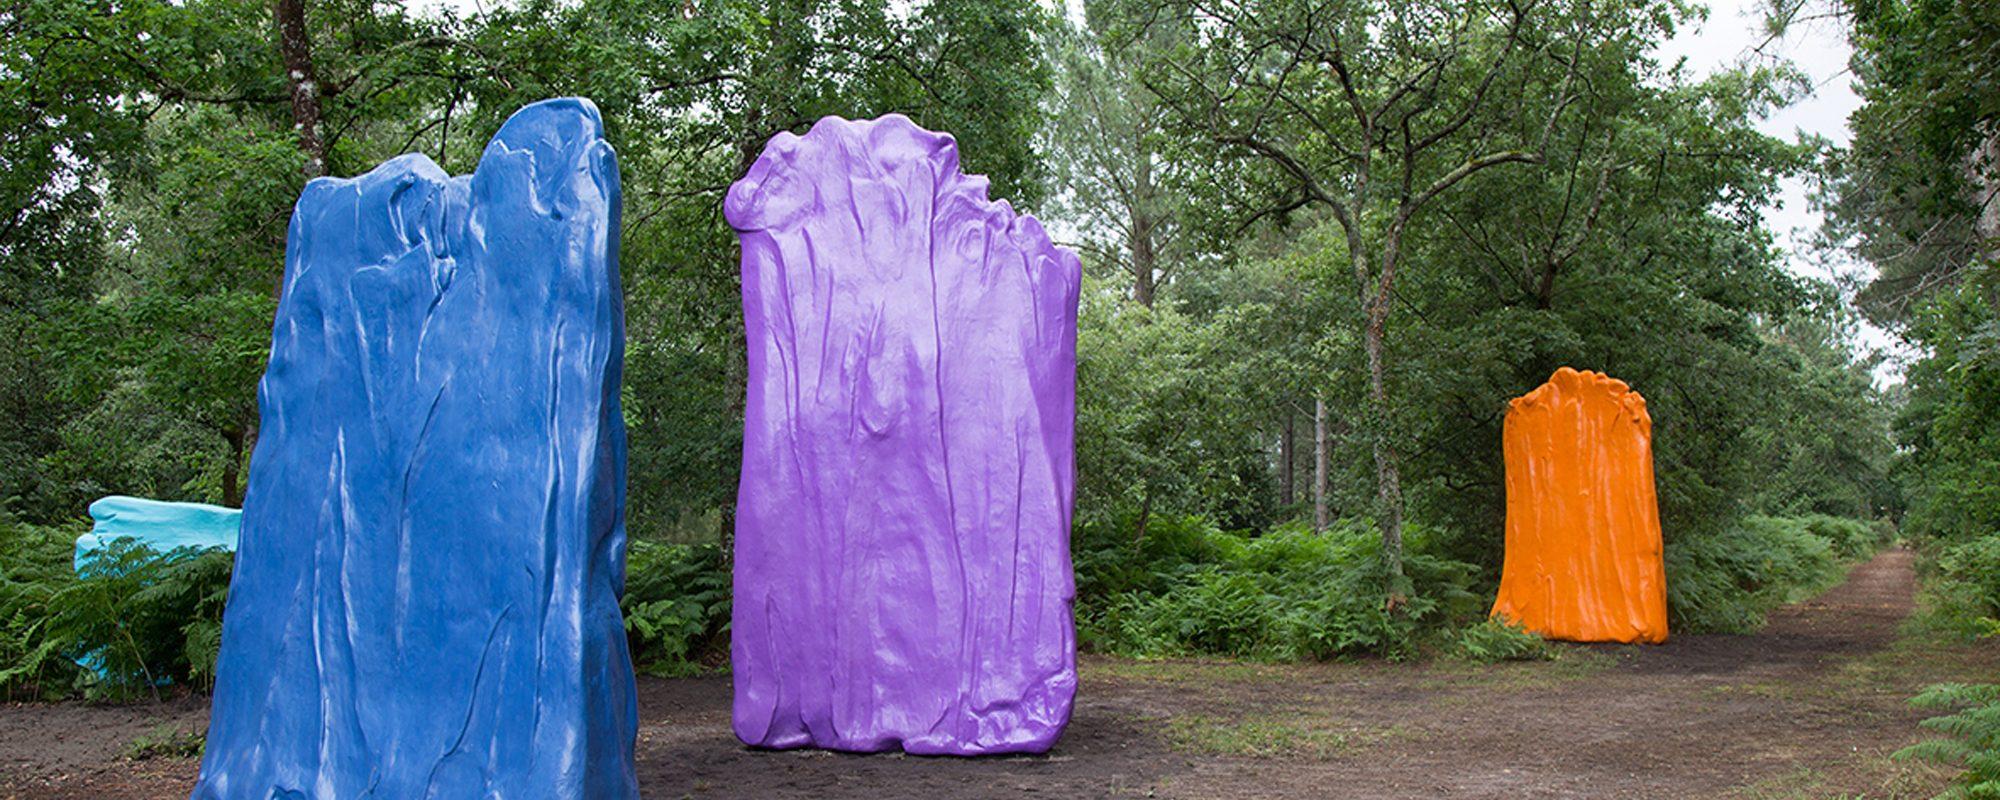 reproduction de sculptures contemporaines surdimensionnées d'après l'oeuvre d'un artiste